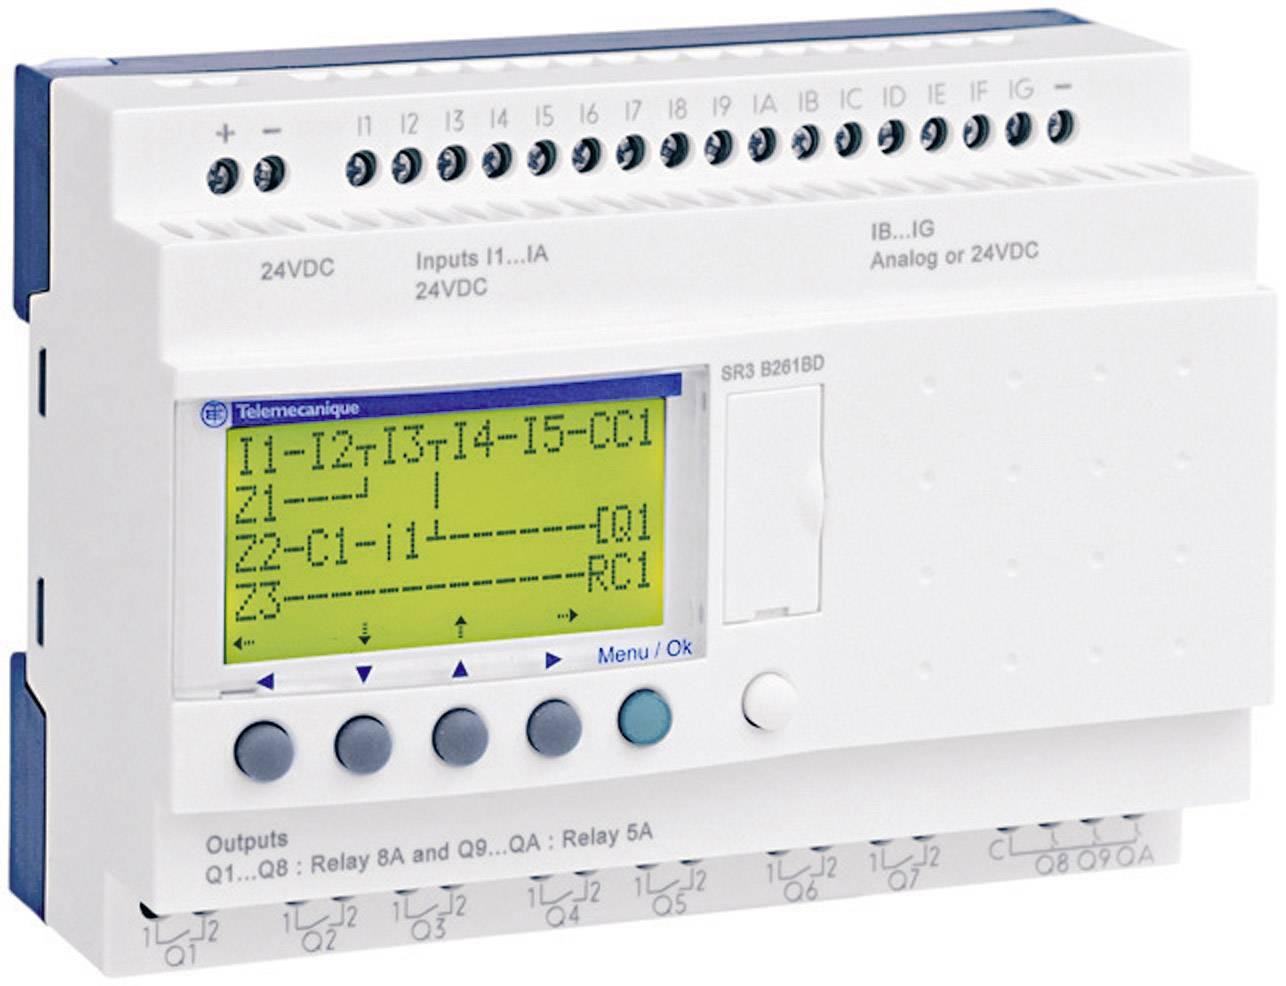 Řídicí PLC modul Schneider Electric Zelio Logic SR3 B261BD, 24 V/DC